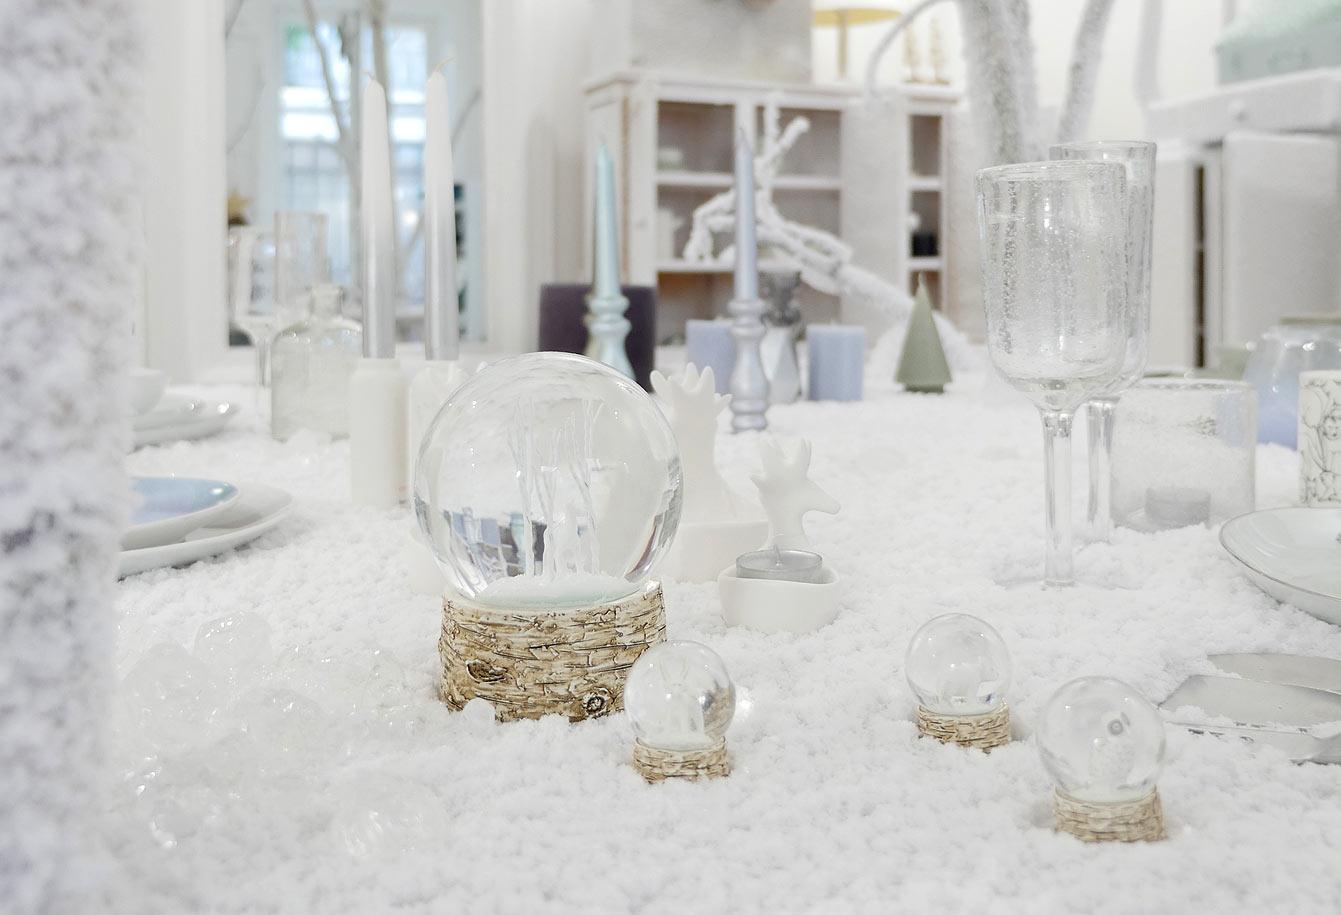 #624B38 Un Noël Féerique Chez Monoprix 2016 5273 decoration table noel monoprix 1341x915 px @ aertt.com